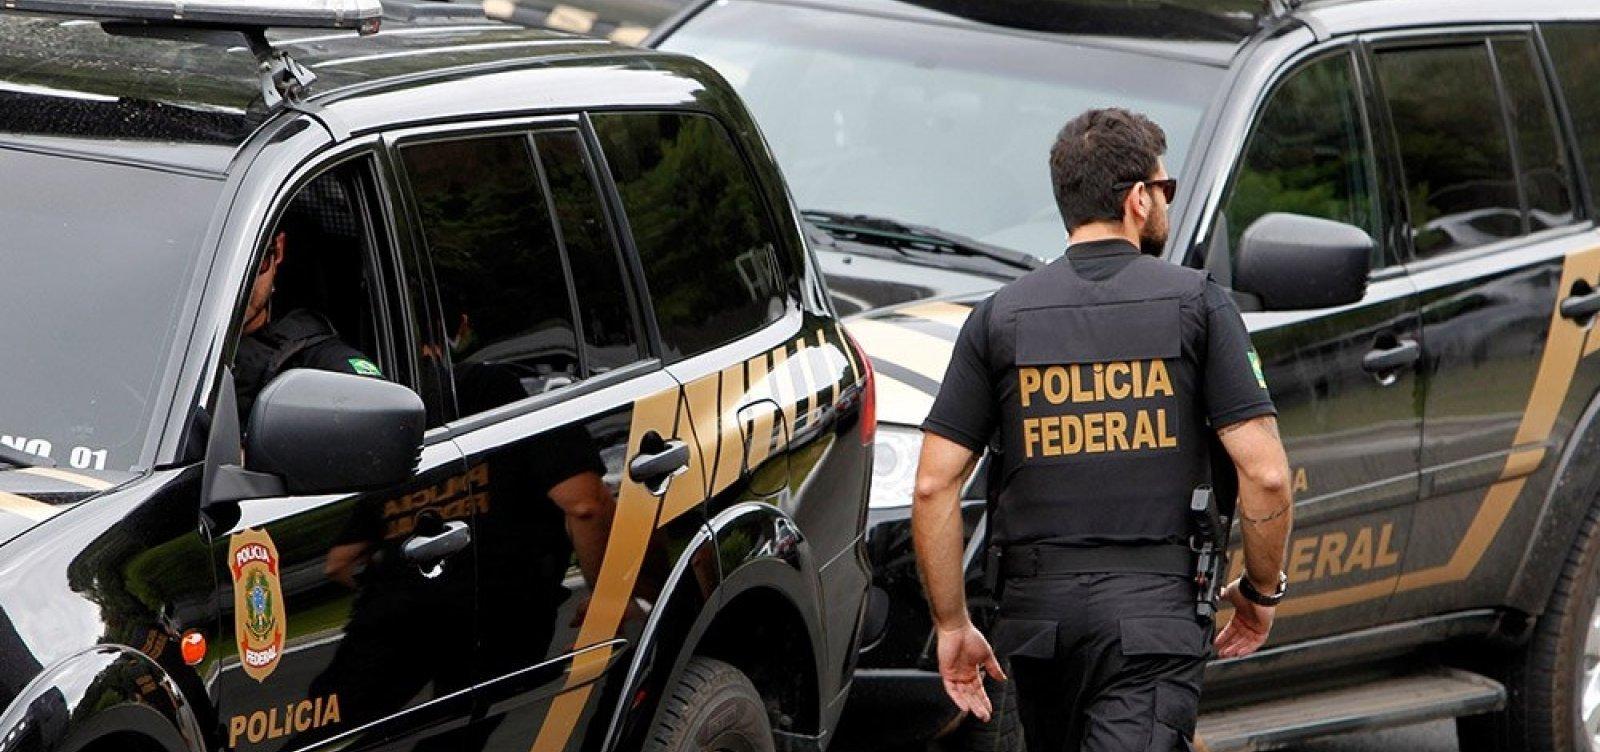 PF deflagra operação contra sonegação de documentos judiciais em Ilhéus